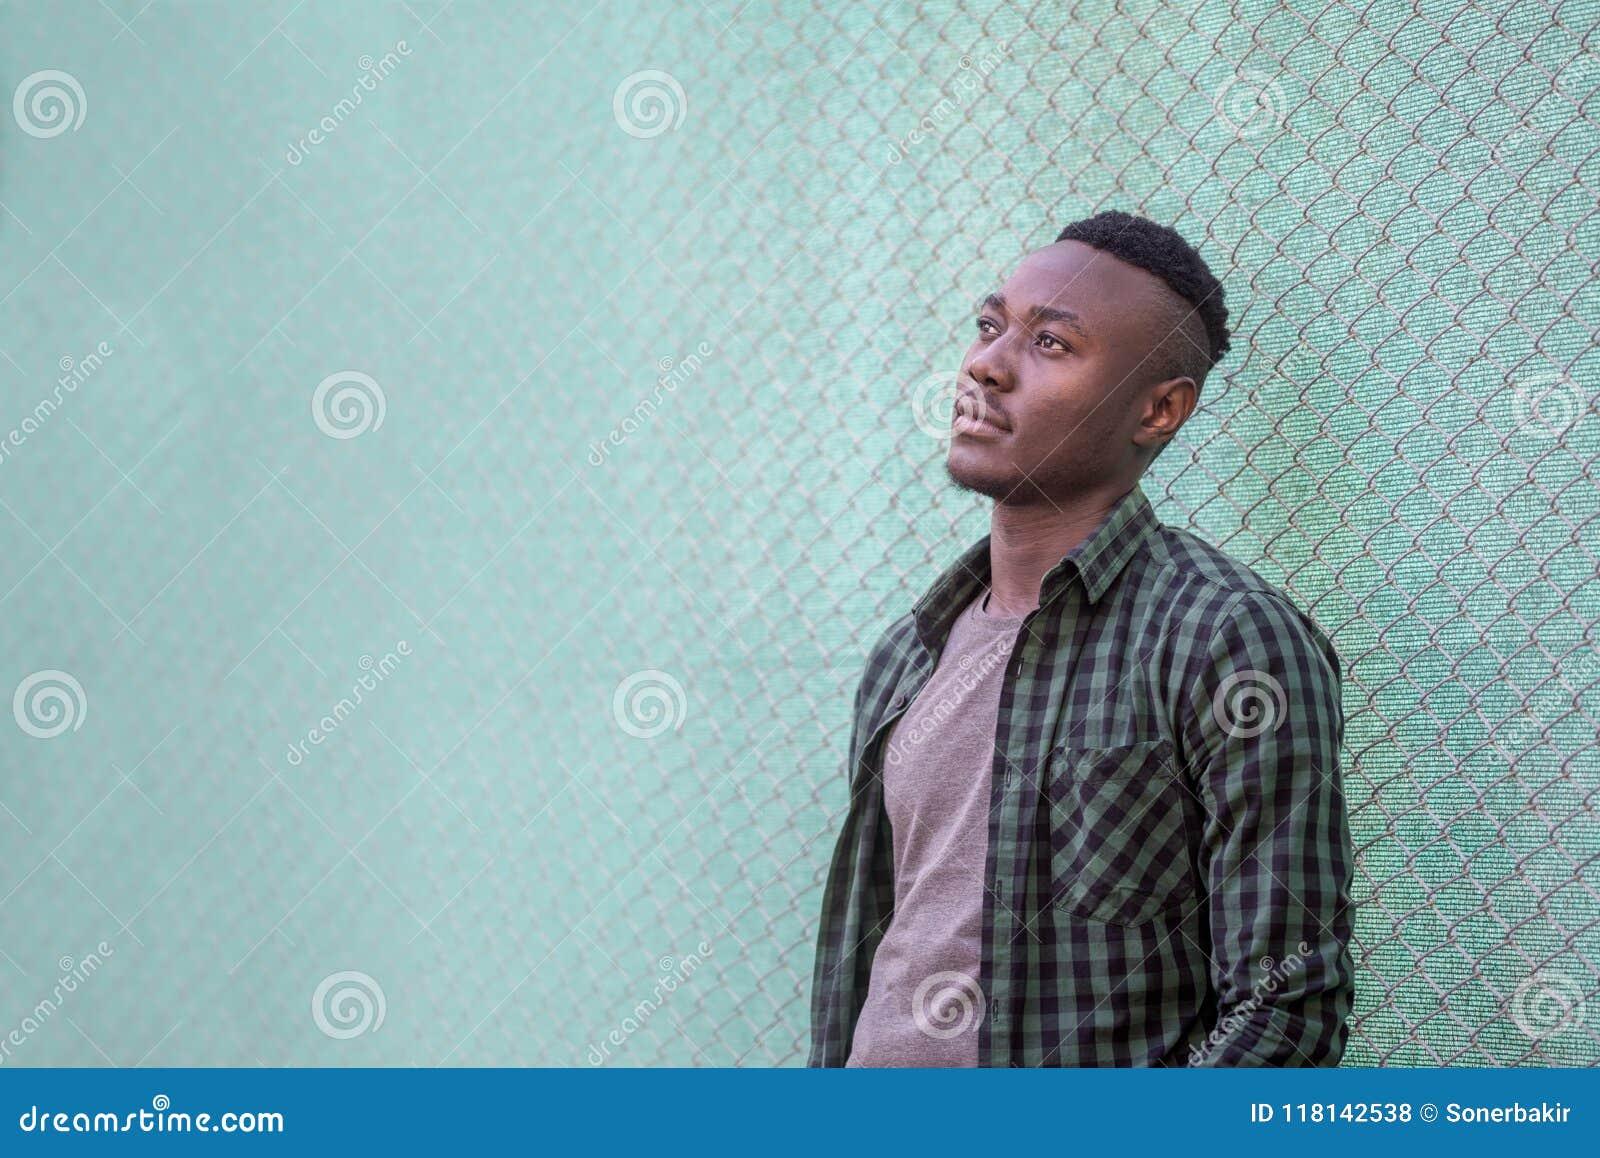 Στοχαστικό μαύρο αρσενικό πρότυπο ζωή αστική Σκεπτικό άτομο αφροαμερικάνων υπαίθρια, έννοια ύφους